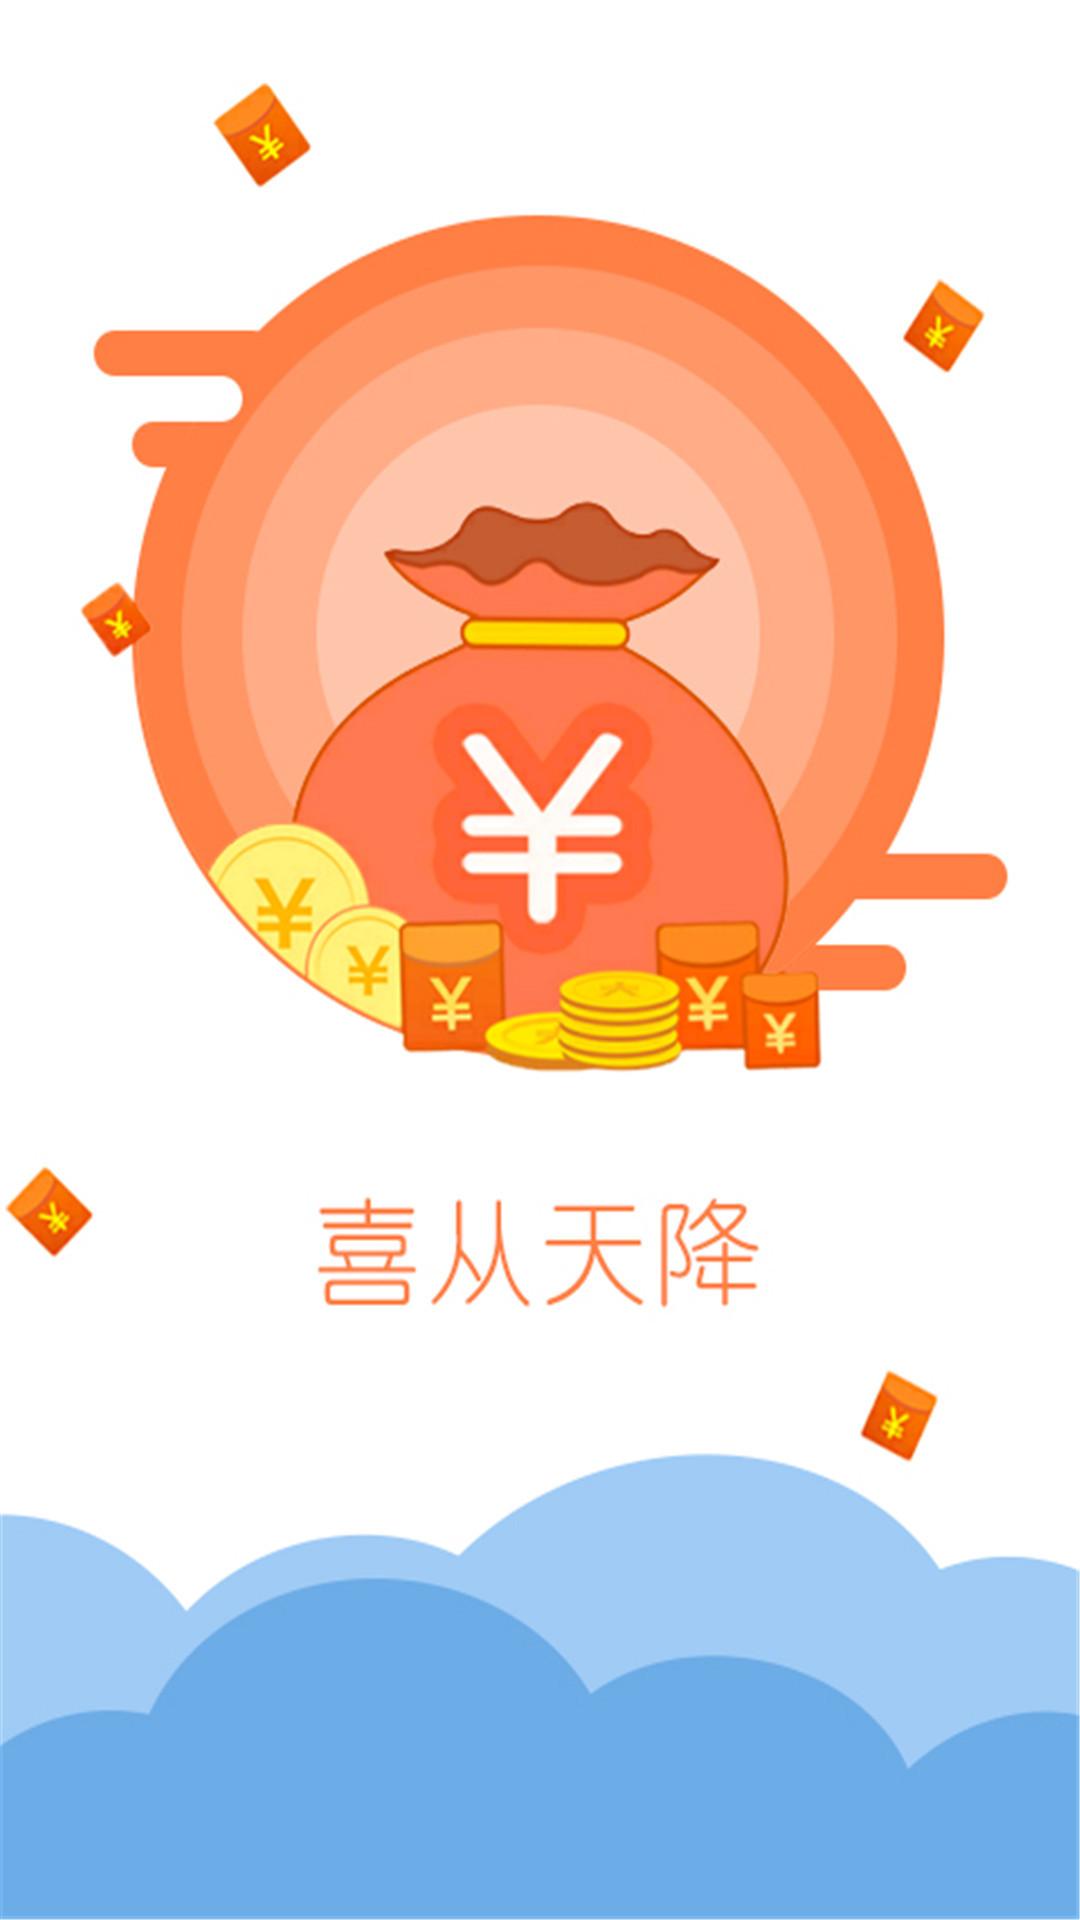 趣用贷款app手机版下载图片2_嗨客手机站